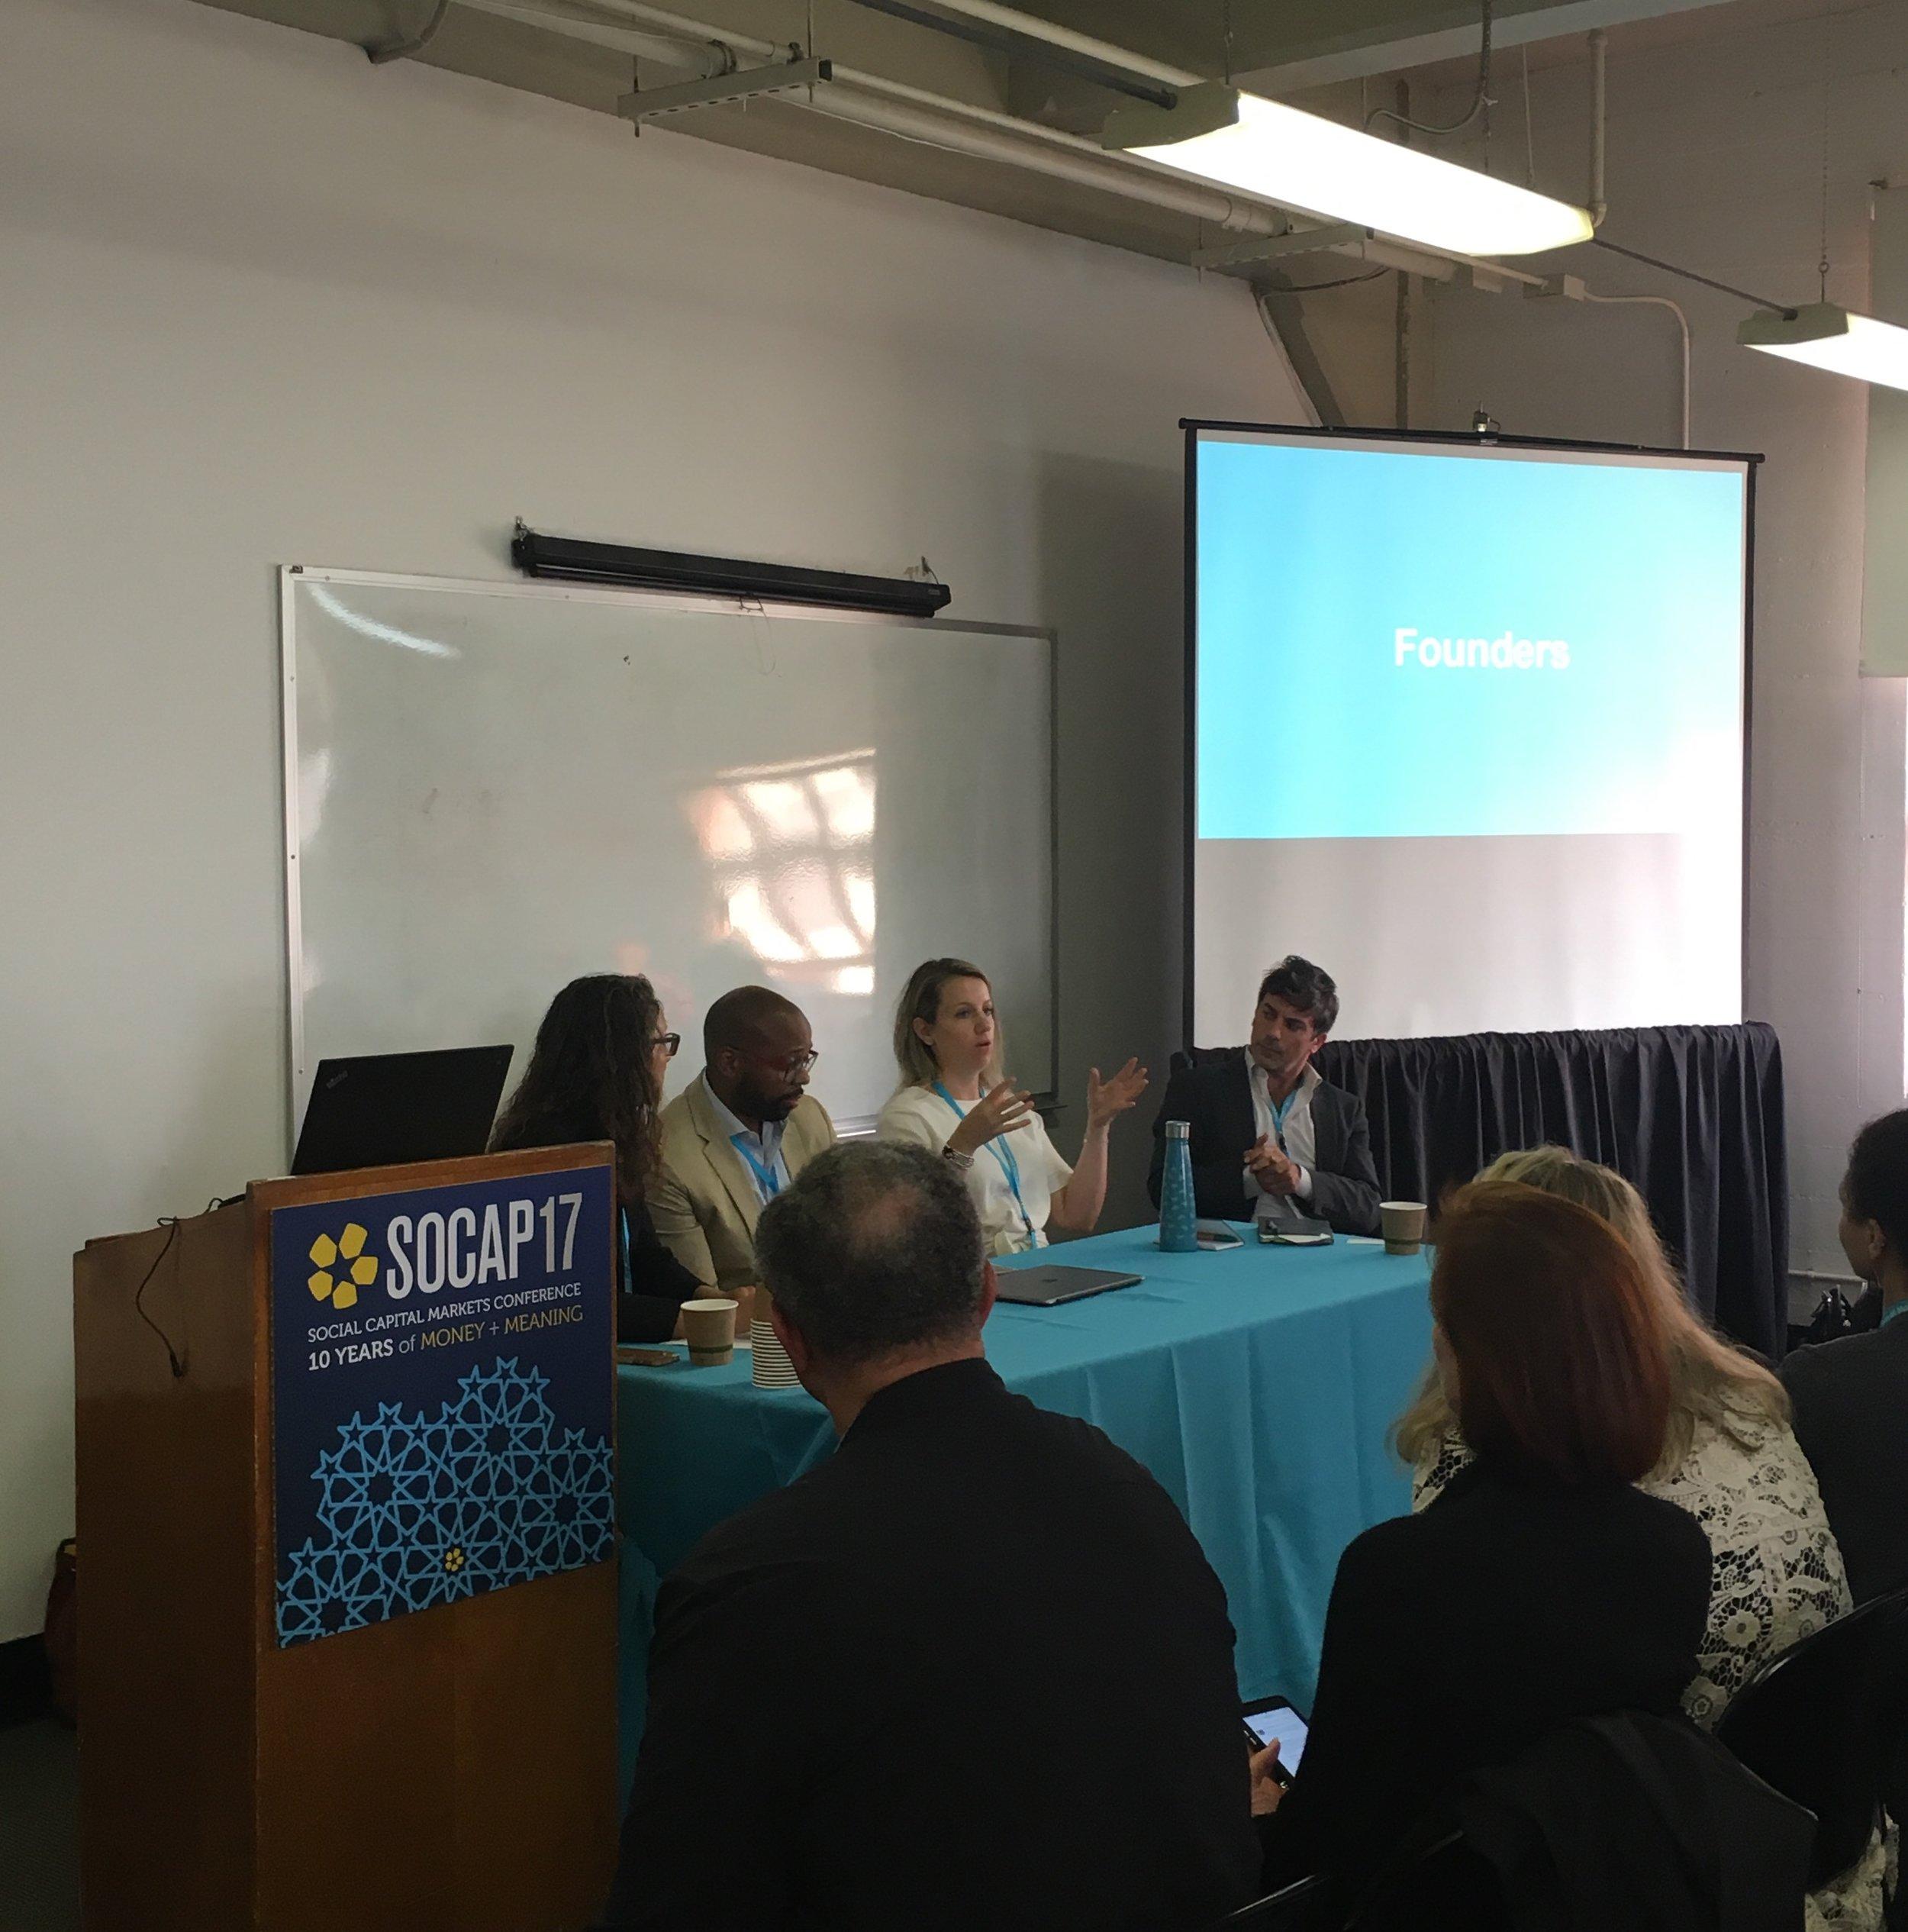 Morgan simon, ellis carr, miljana mujosevic, and andrea armeni on the panel